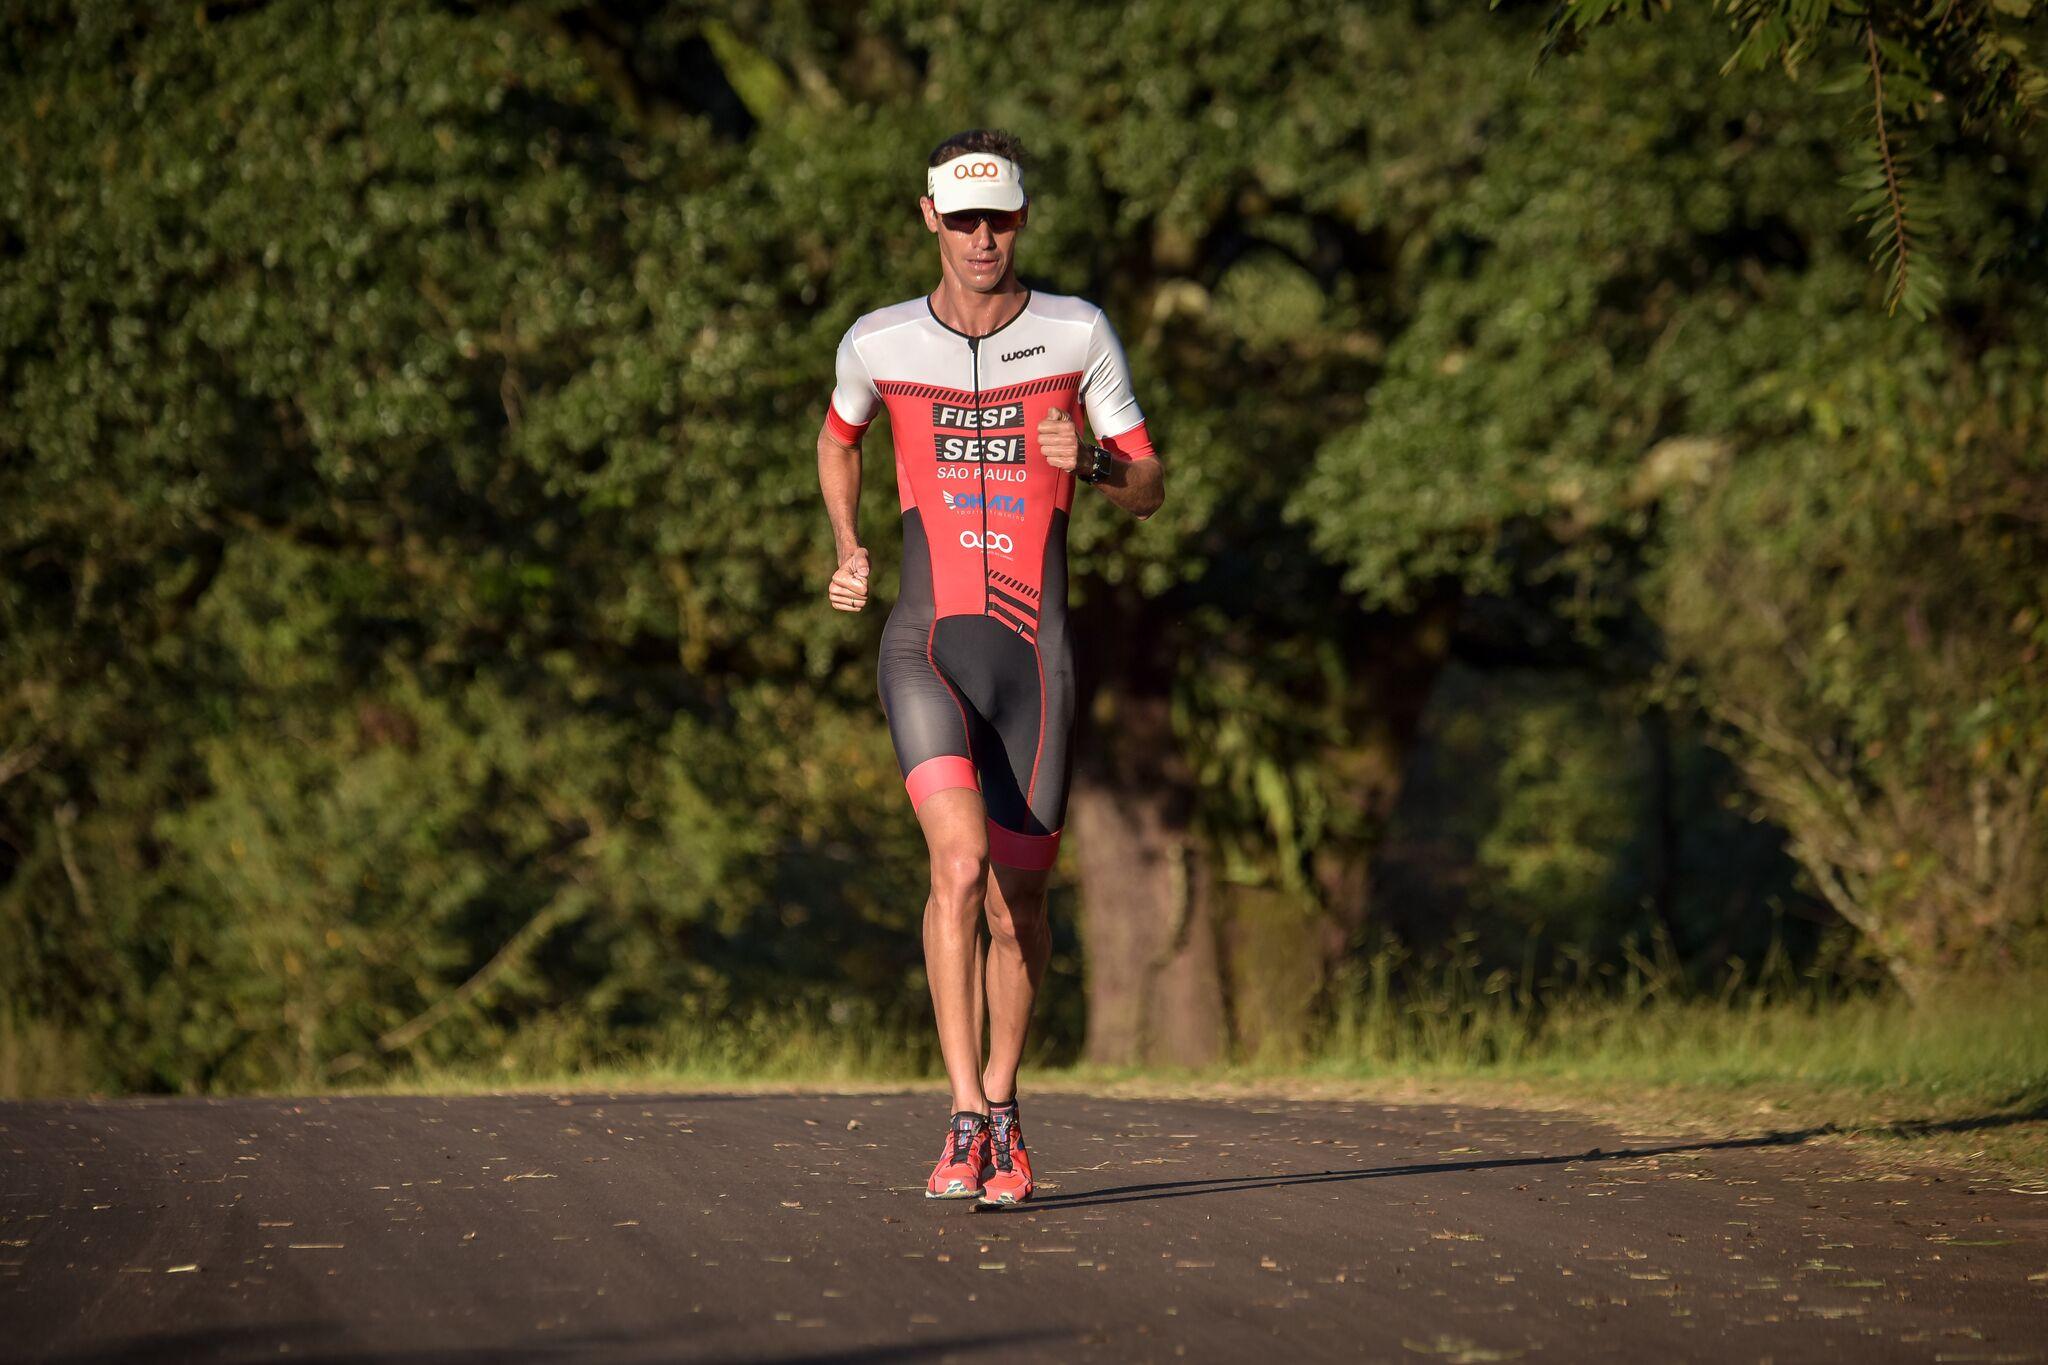 Circuito Uff Rio Triathlon : Reinaldo colucci retorna às competições no rio triathlon